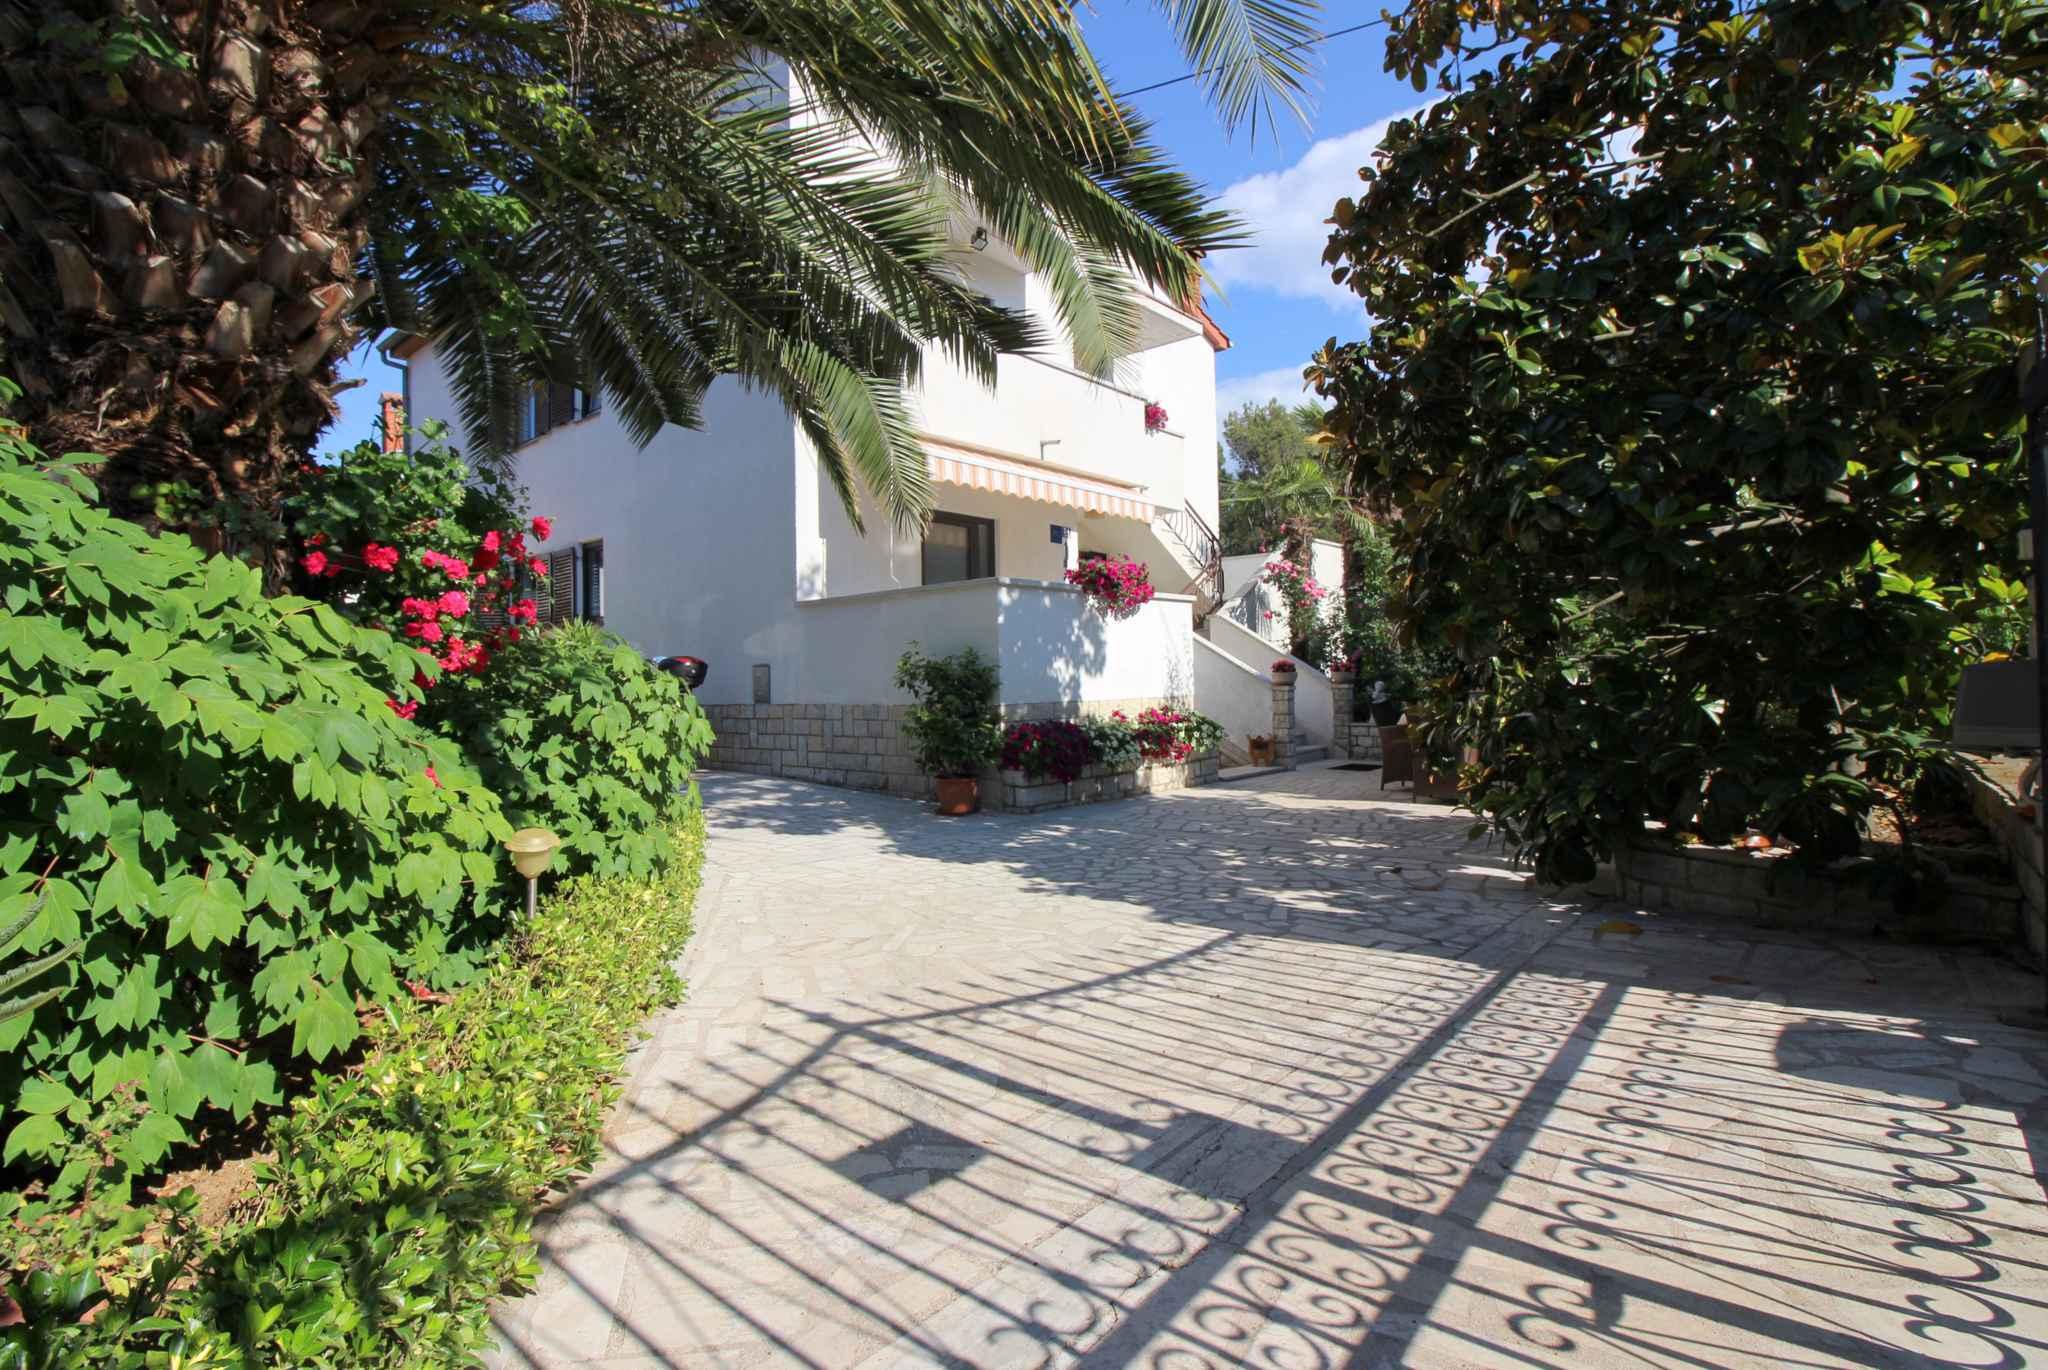 Ferienwohnung mit schönem Garten und Grill (280320), Porec, , Istrien, Kroatien, Bild 13